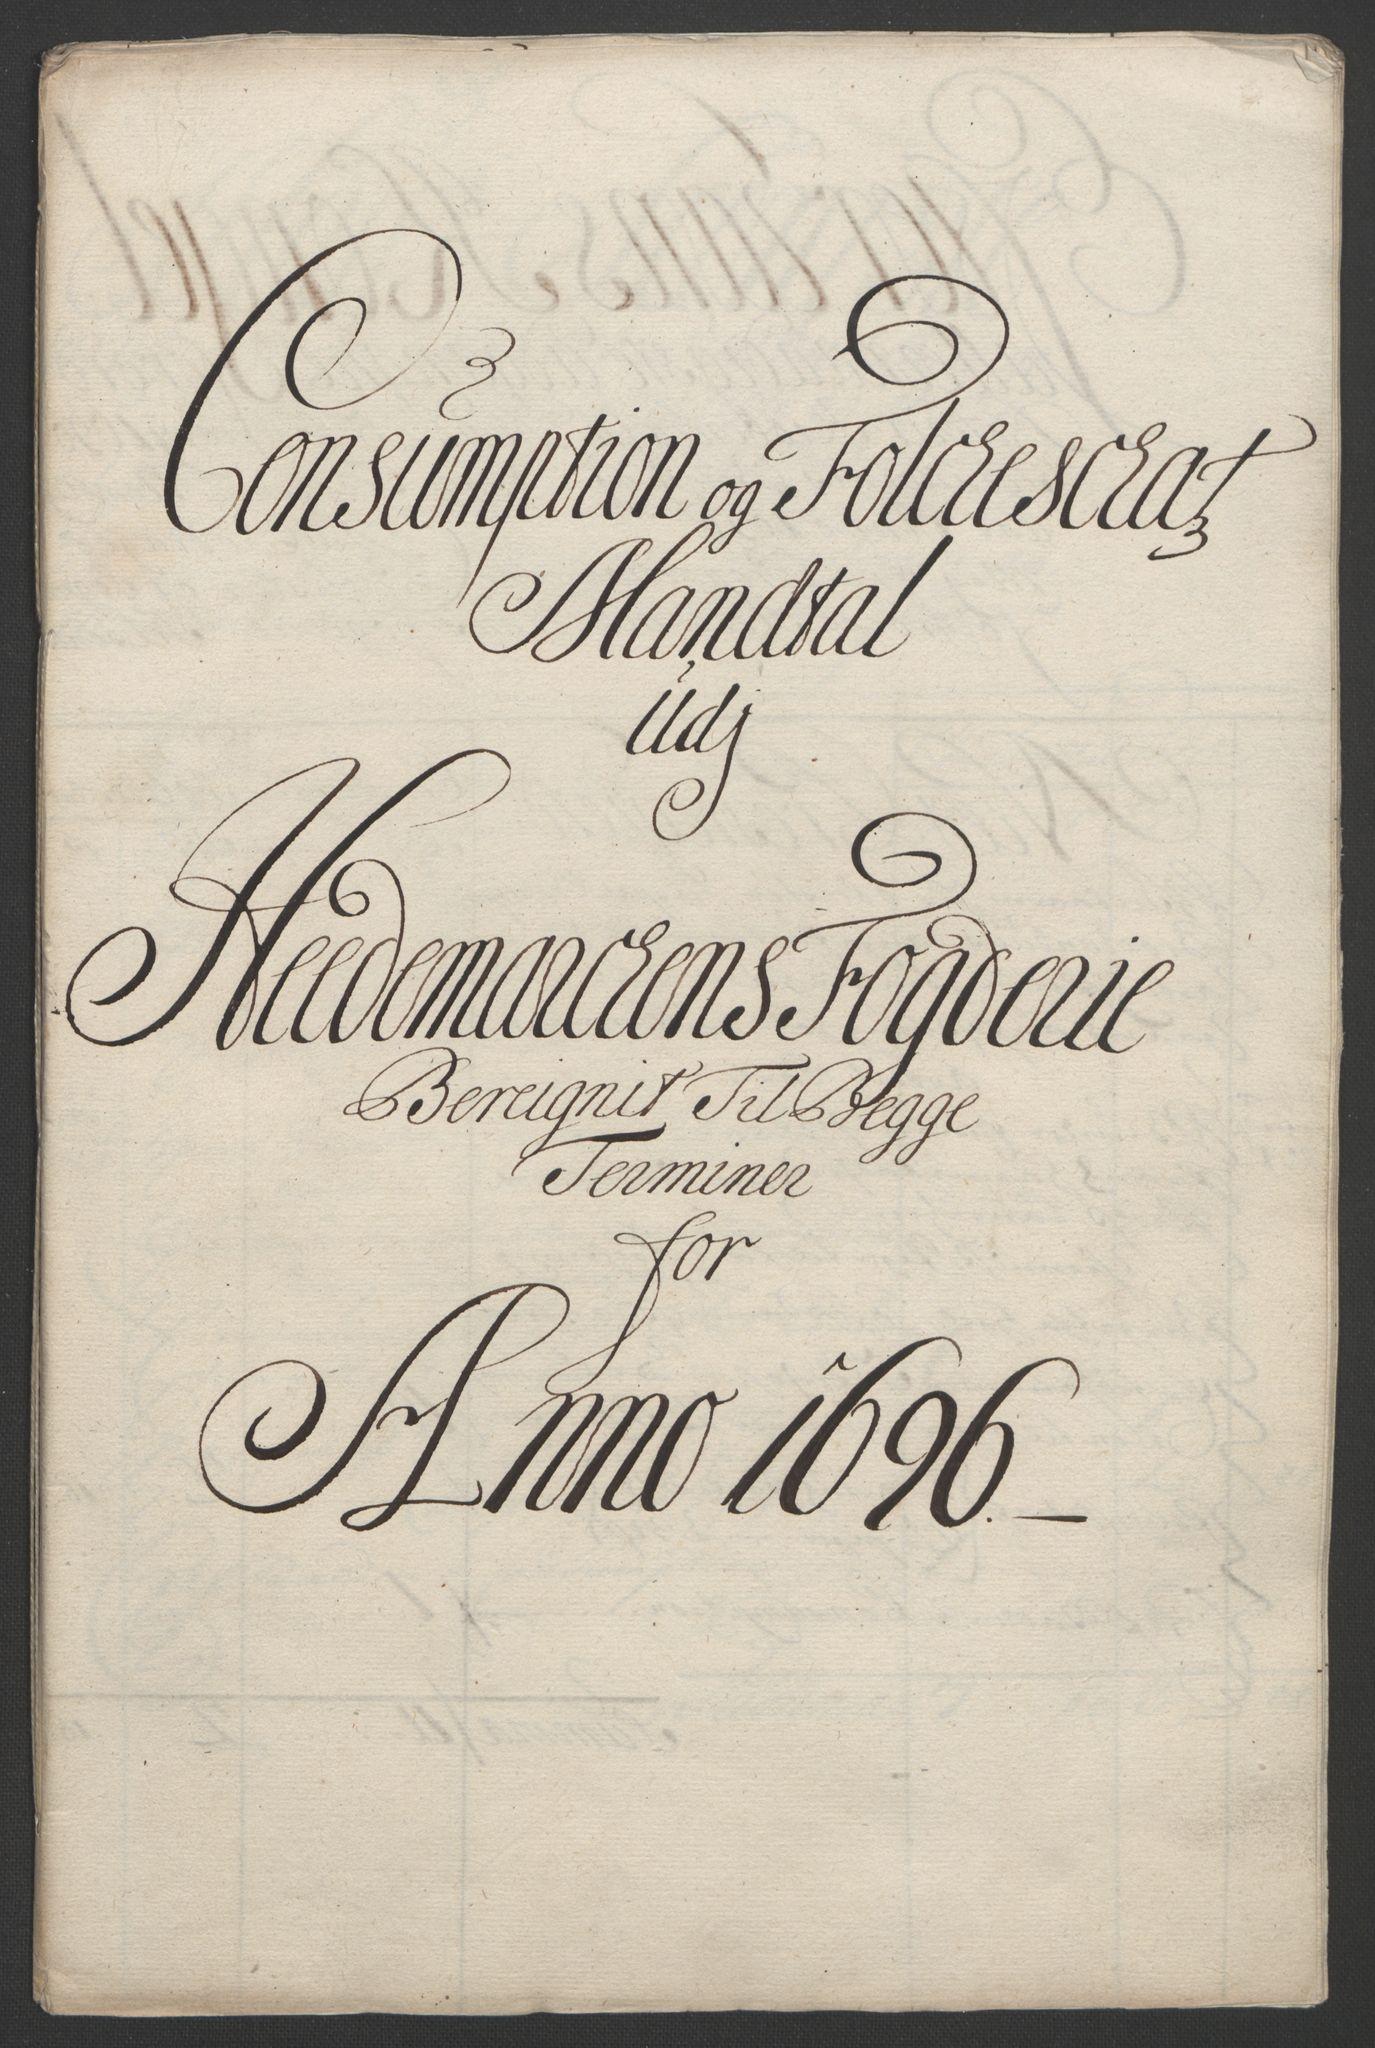 RA, Rentekammeret inntil 1814, Reviderte regnskaper, Fogderegnskap, R16/L1036: Fogderegnskap Hedmark, 1695-1696, s. 353